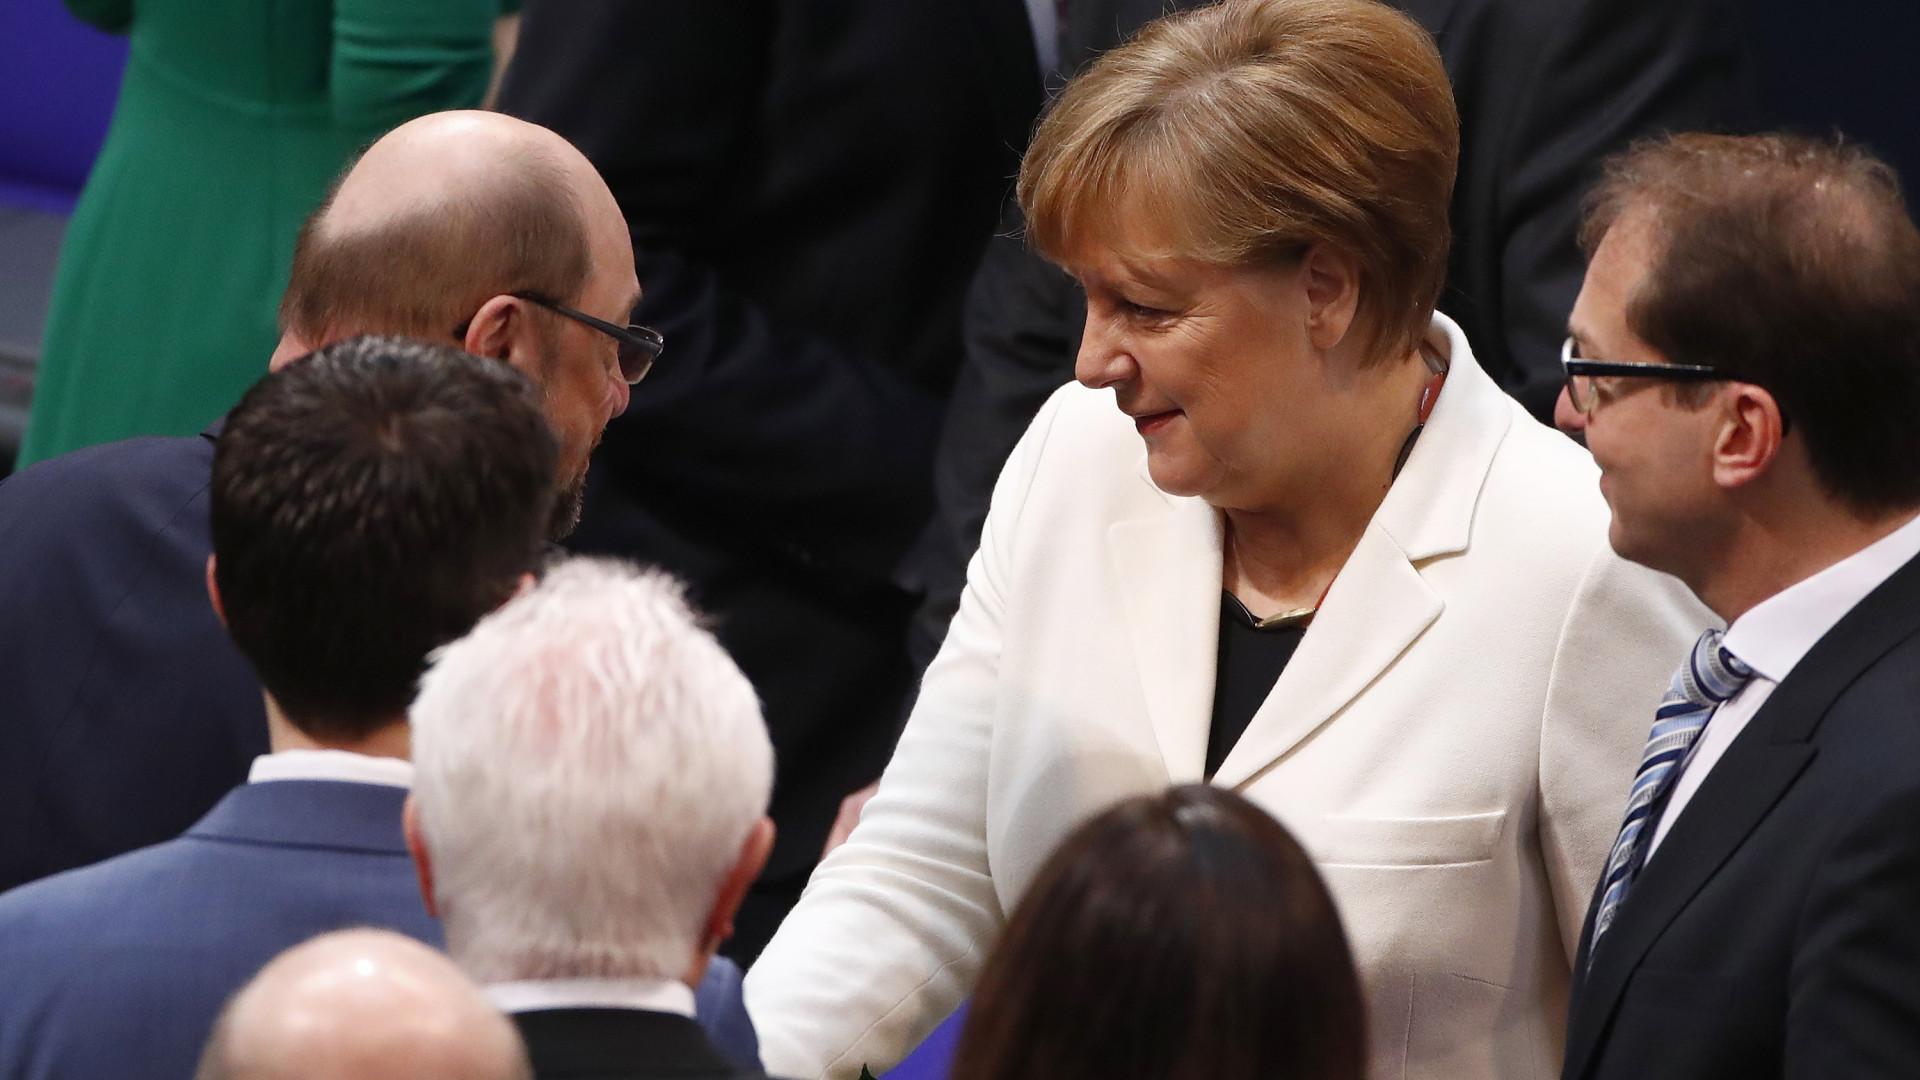 Angela Merkel eleita chanceler da Alemanha pela quarta vez